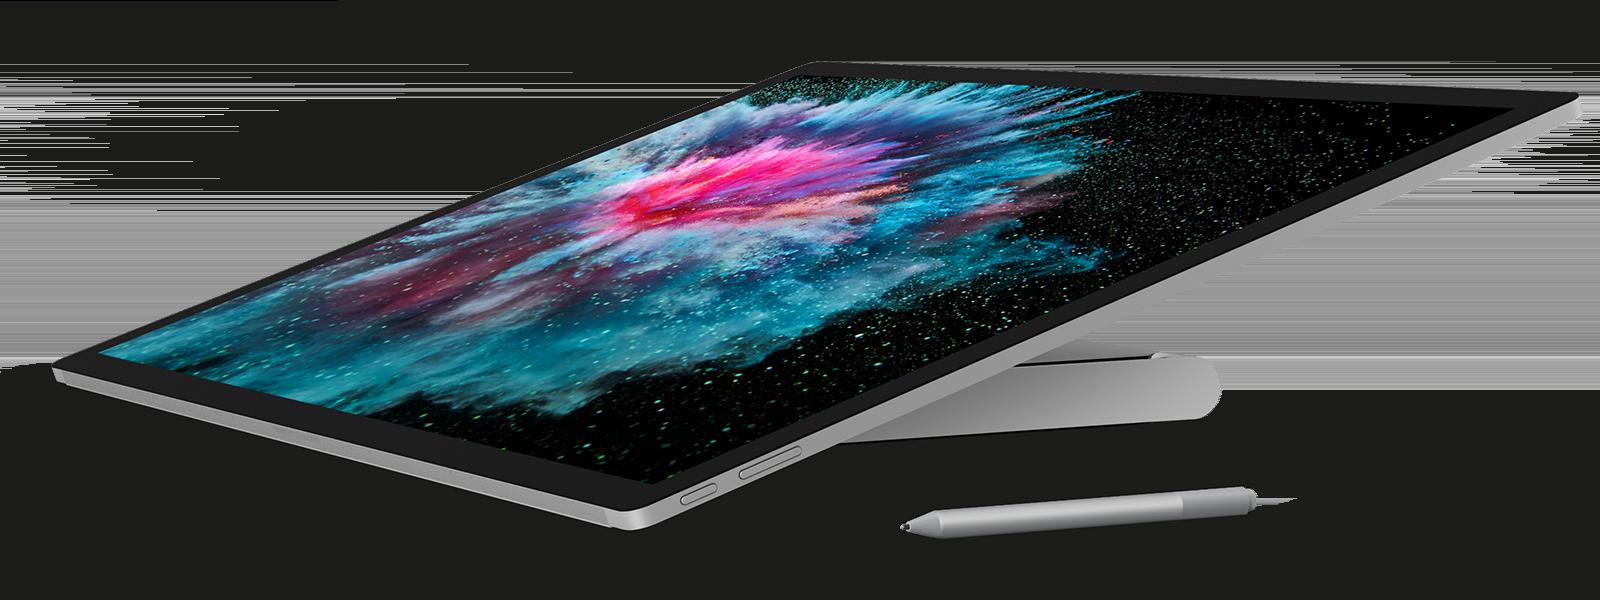 Surface Studio 2 em modo de estúdio